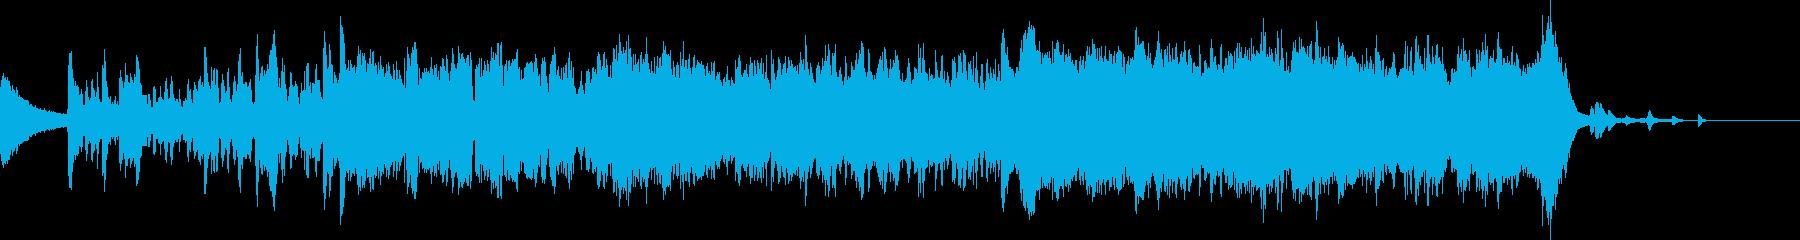 アジア 壮大なフルオーケストラ 二胡の再生済みの波形